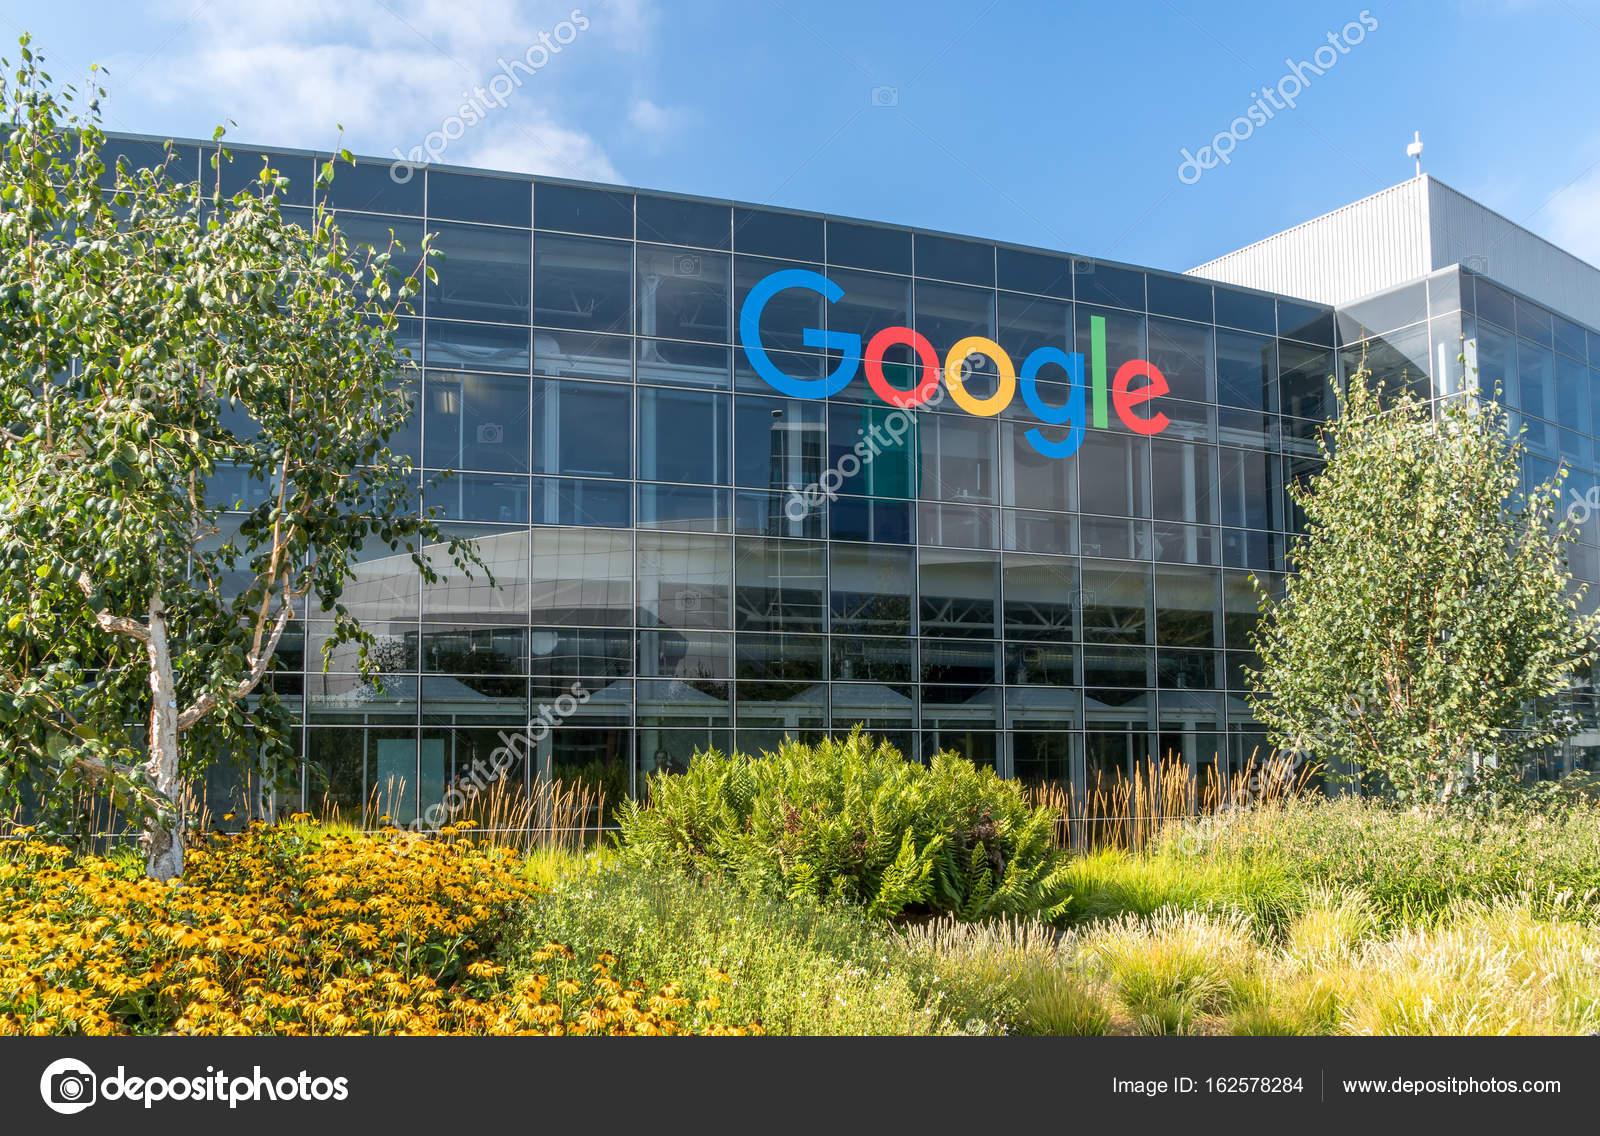 Wolterke 162578284 - Google head office photos ...